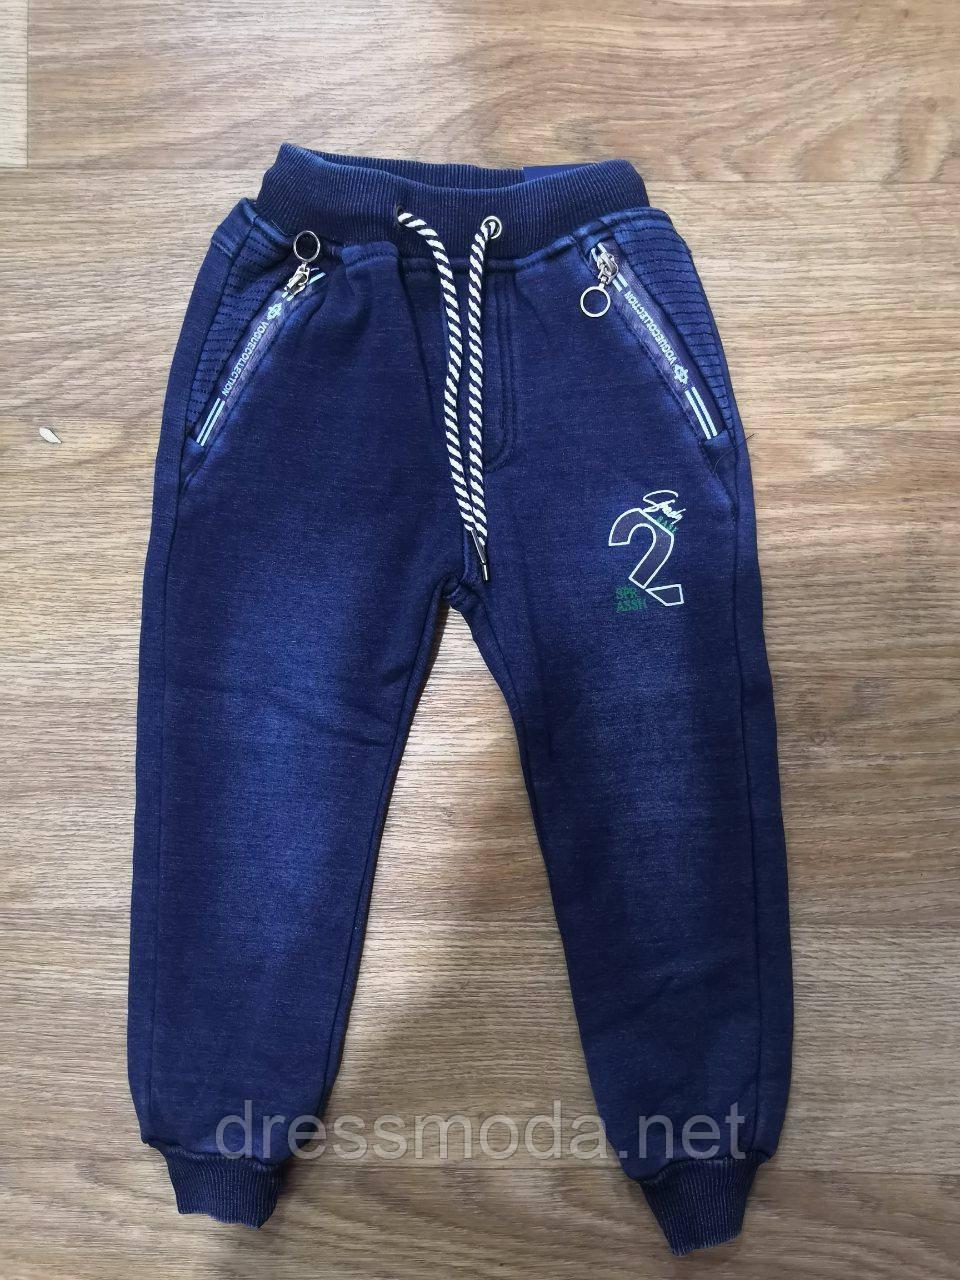 Брюки  под джинс с начесом для мальчиков Seagull 98-128 р.р.